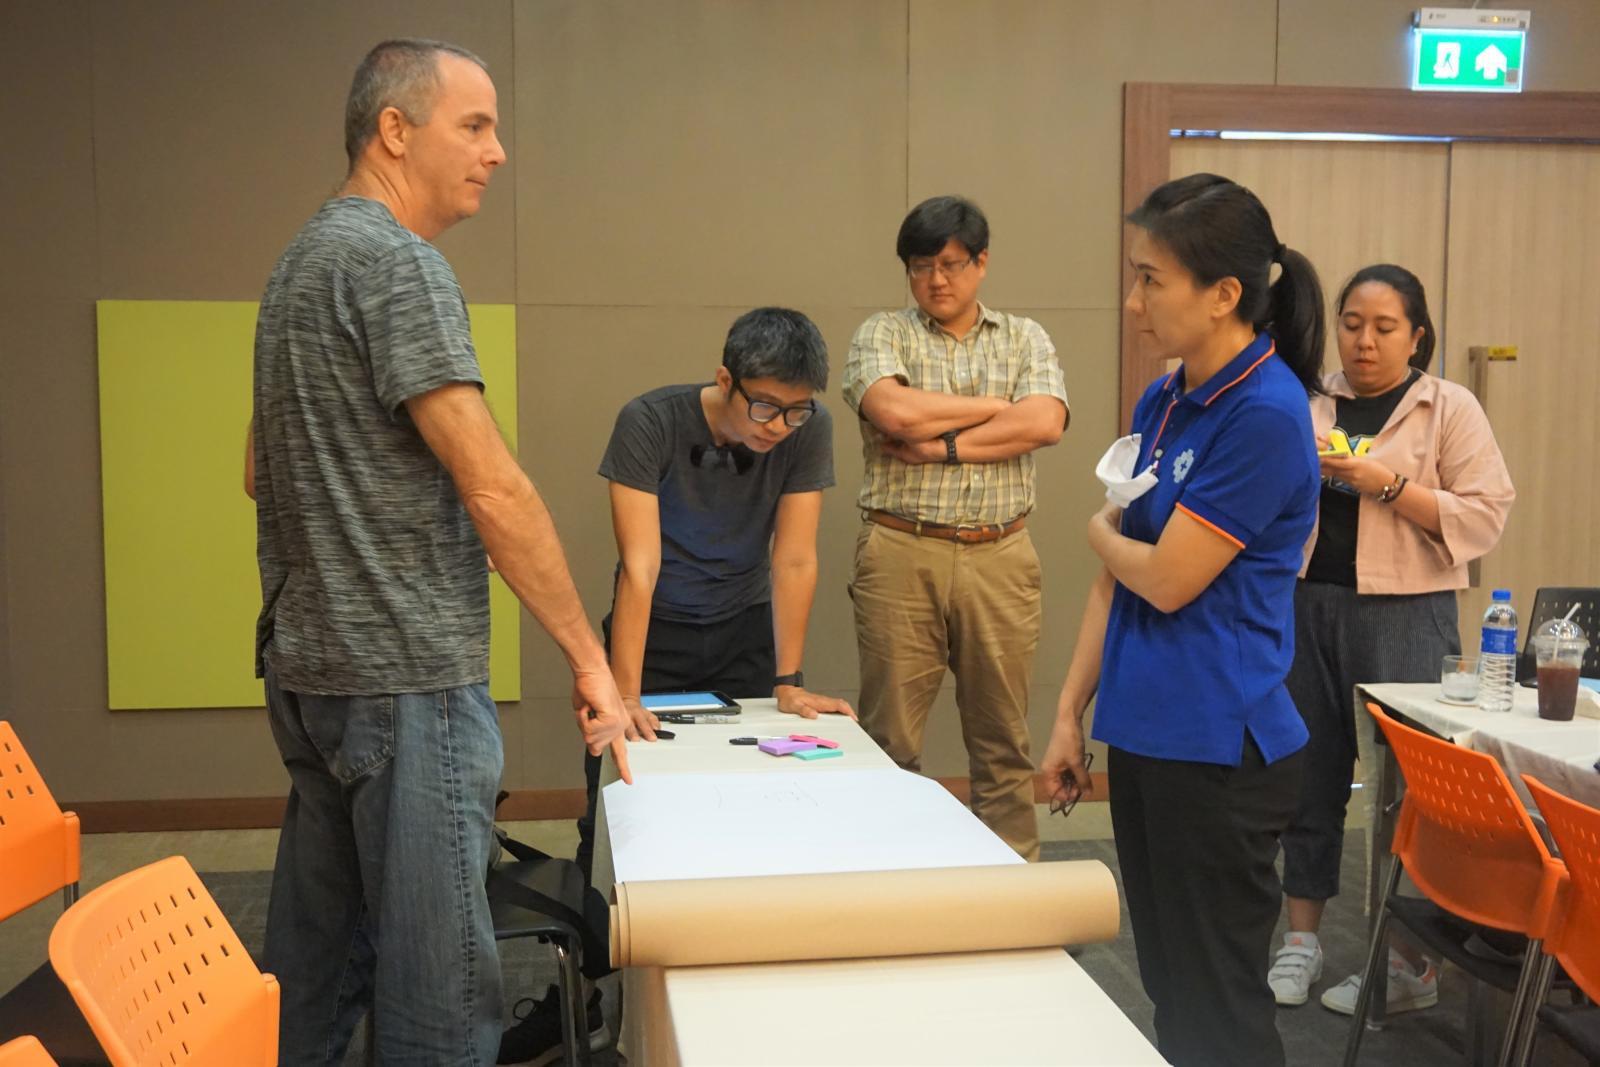 ม.หอการค้า - สอวช. เสริมศักยภาพผู้ประกอบการขับเคลื่อนนวัตกรรมชุมชนภาคเหนือ รุ่น2